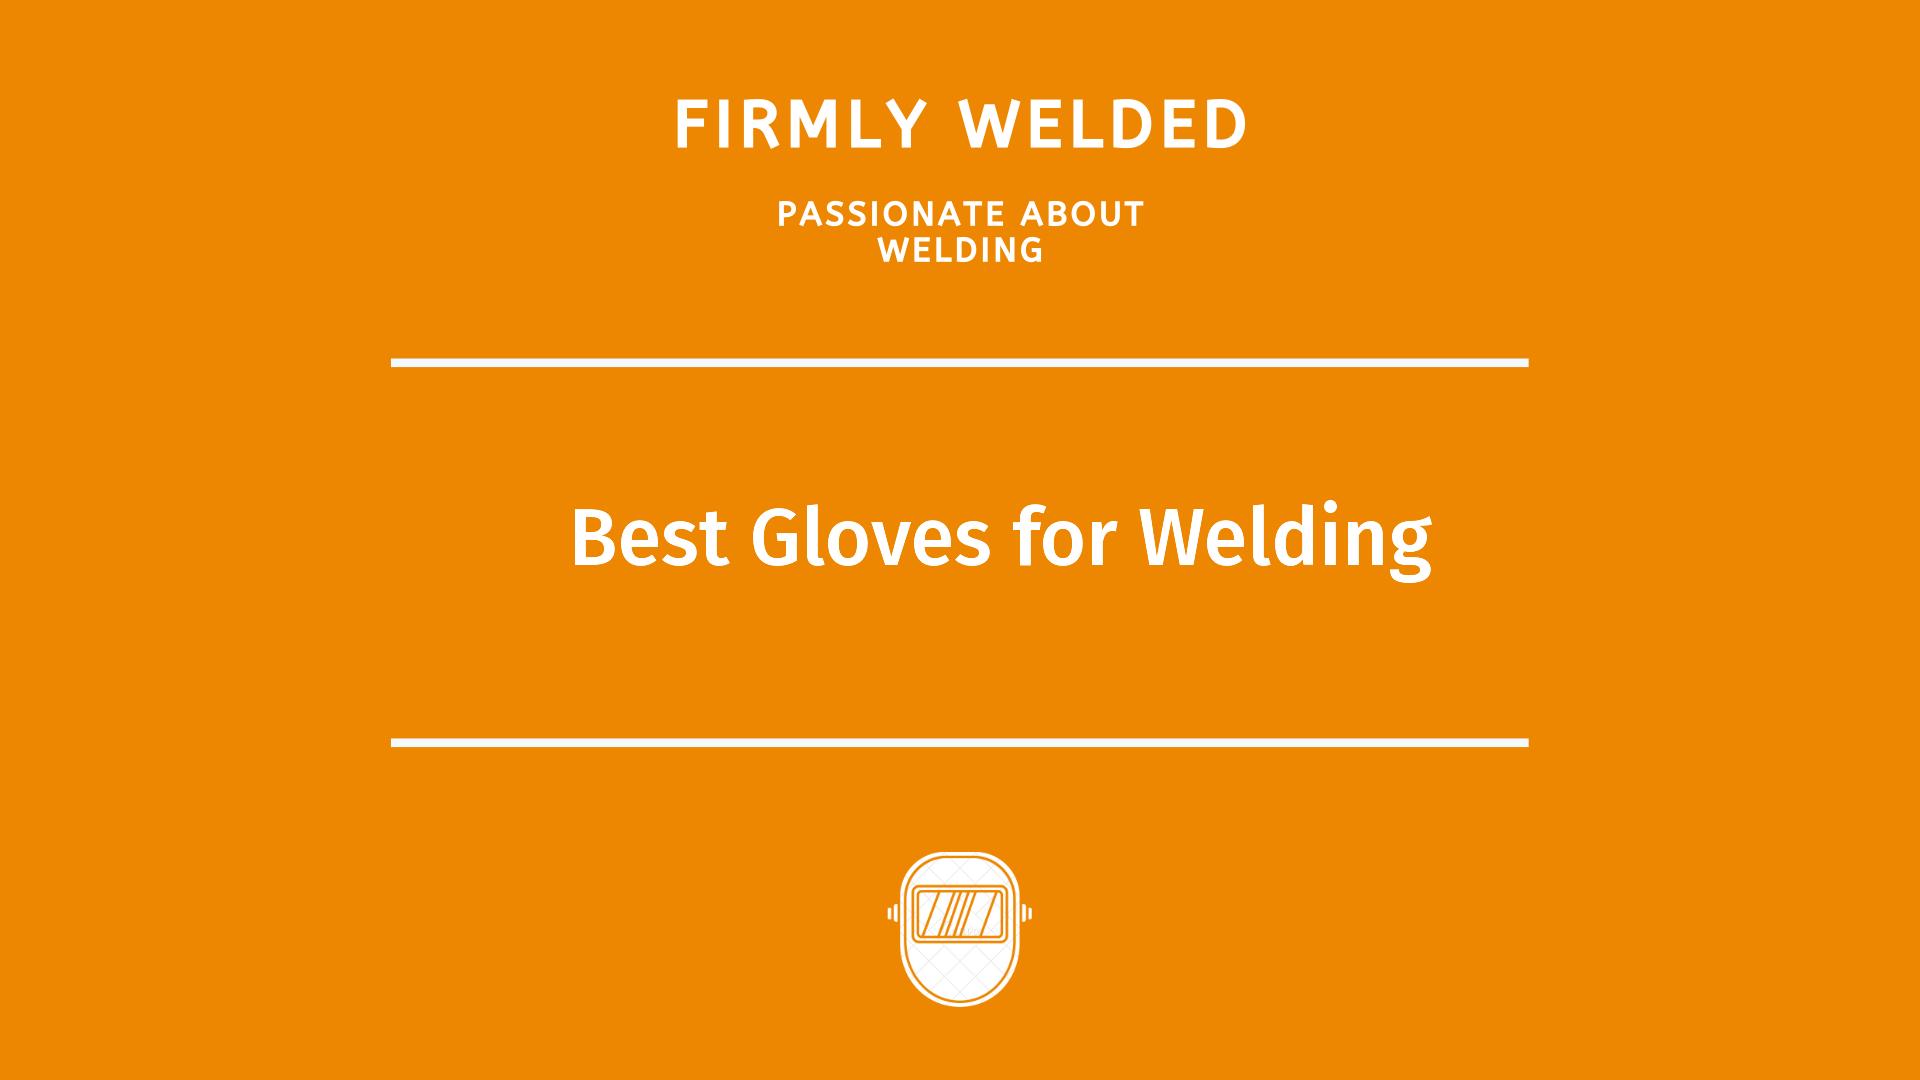 Best Gloves for Welding